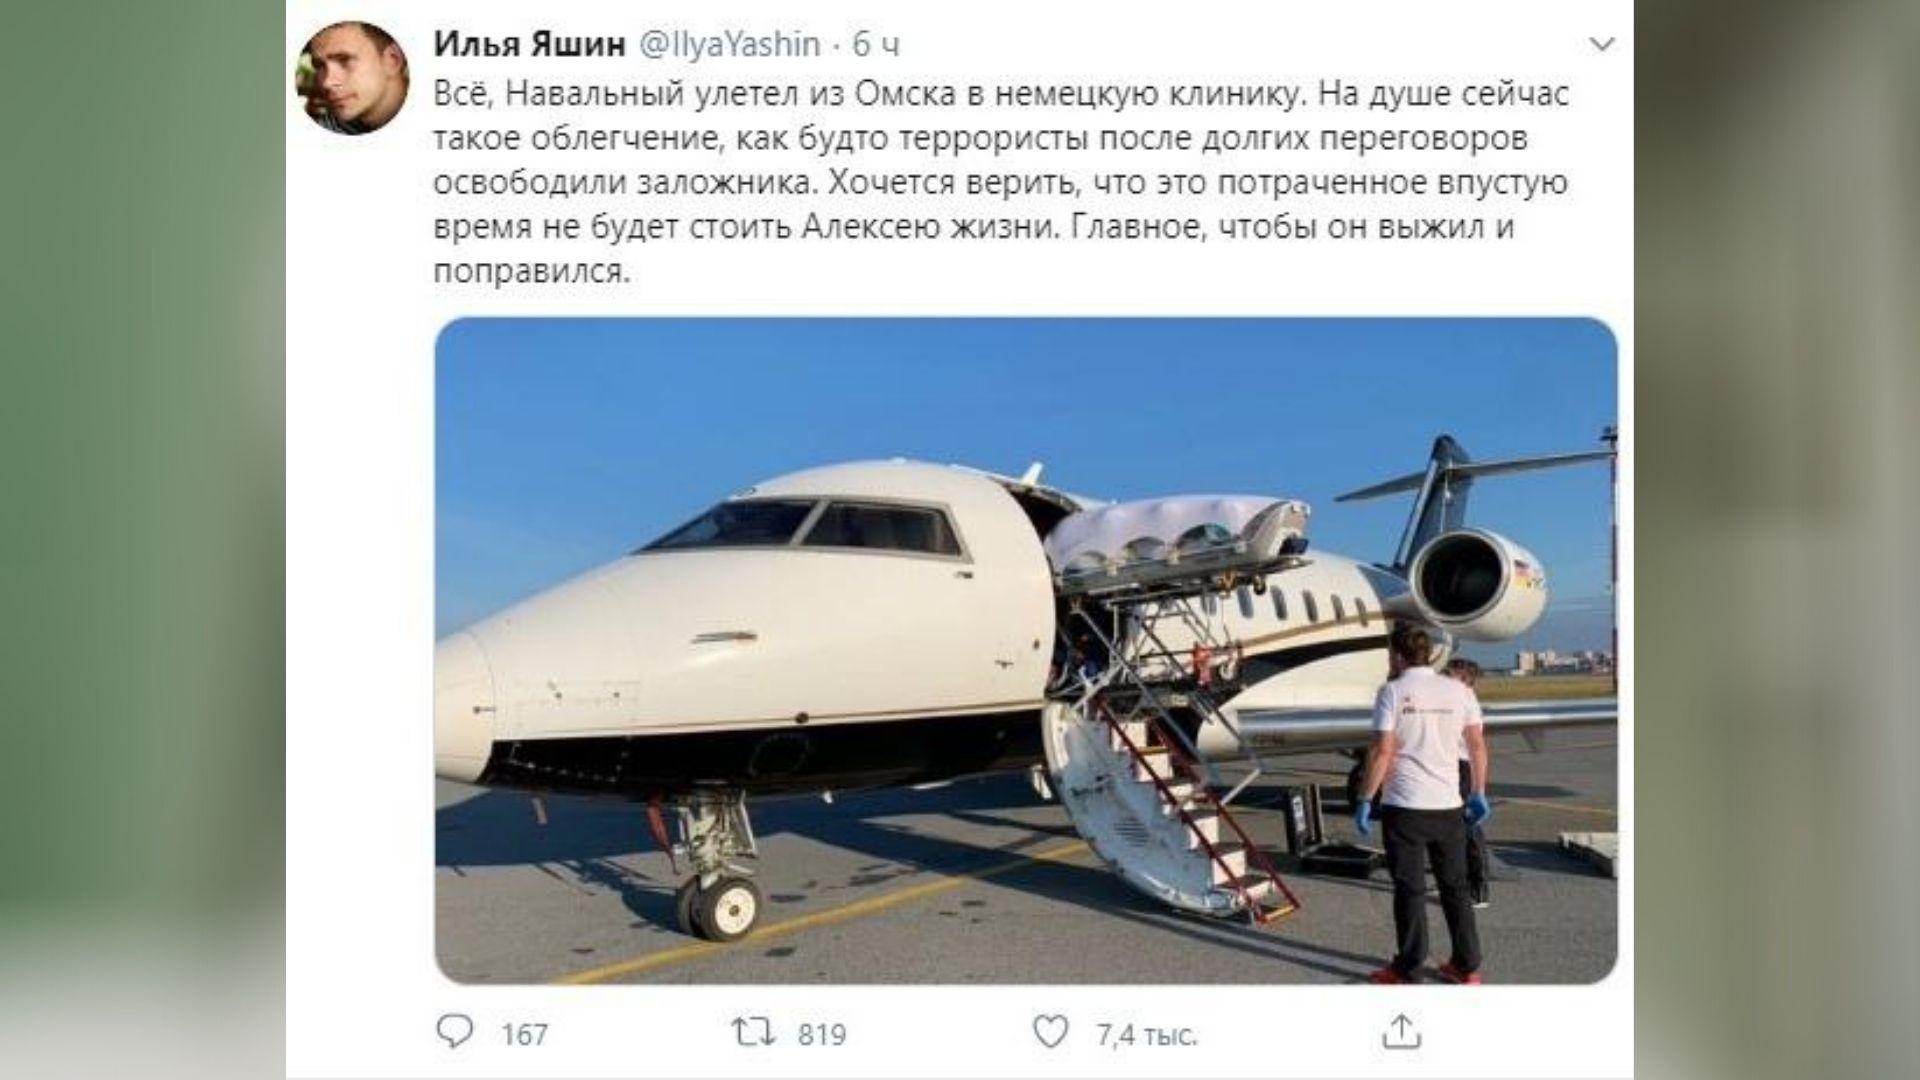 «Общественники» в Twitter сравнивают с террористами работу омских врачей с Навальным